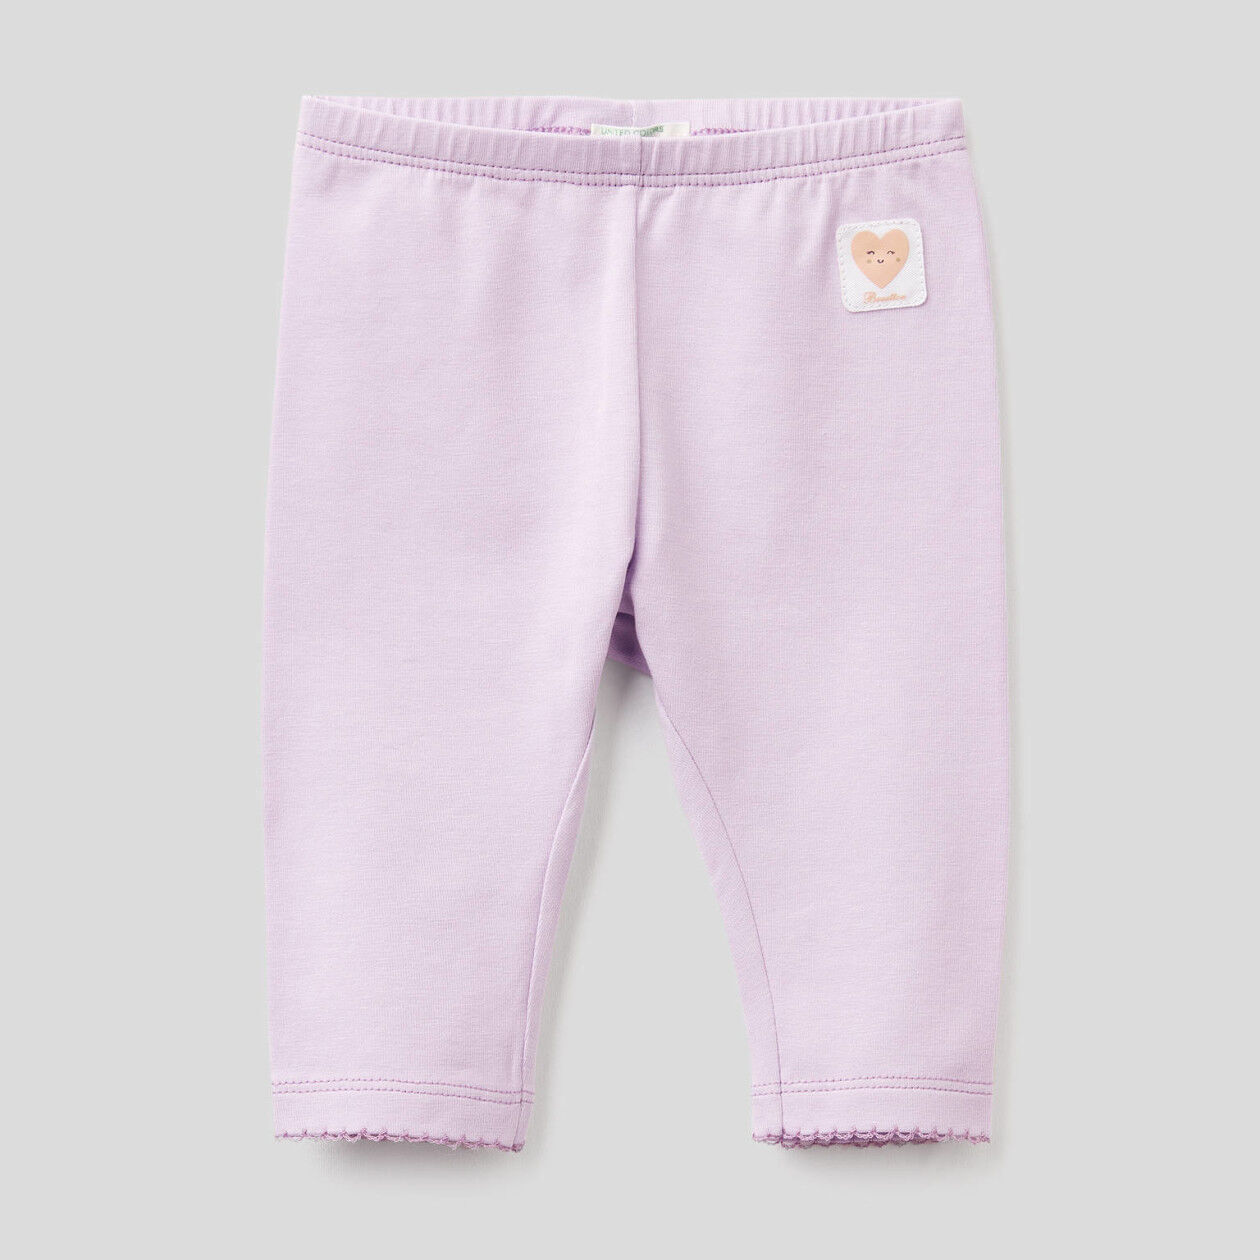 Leggings em algodão stretch